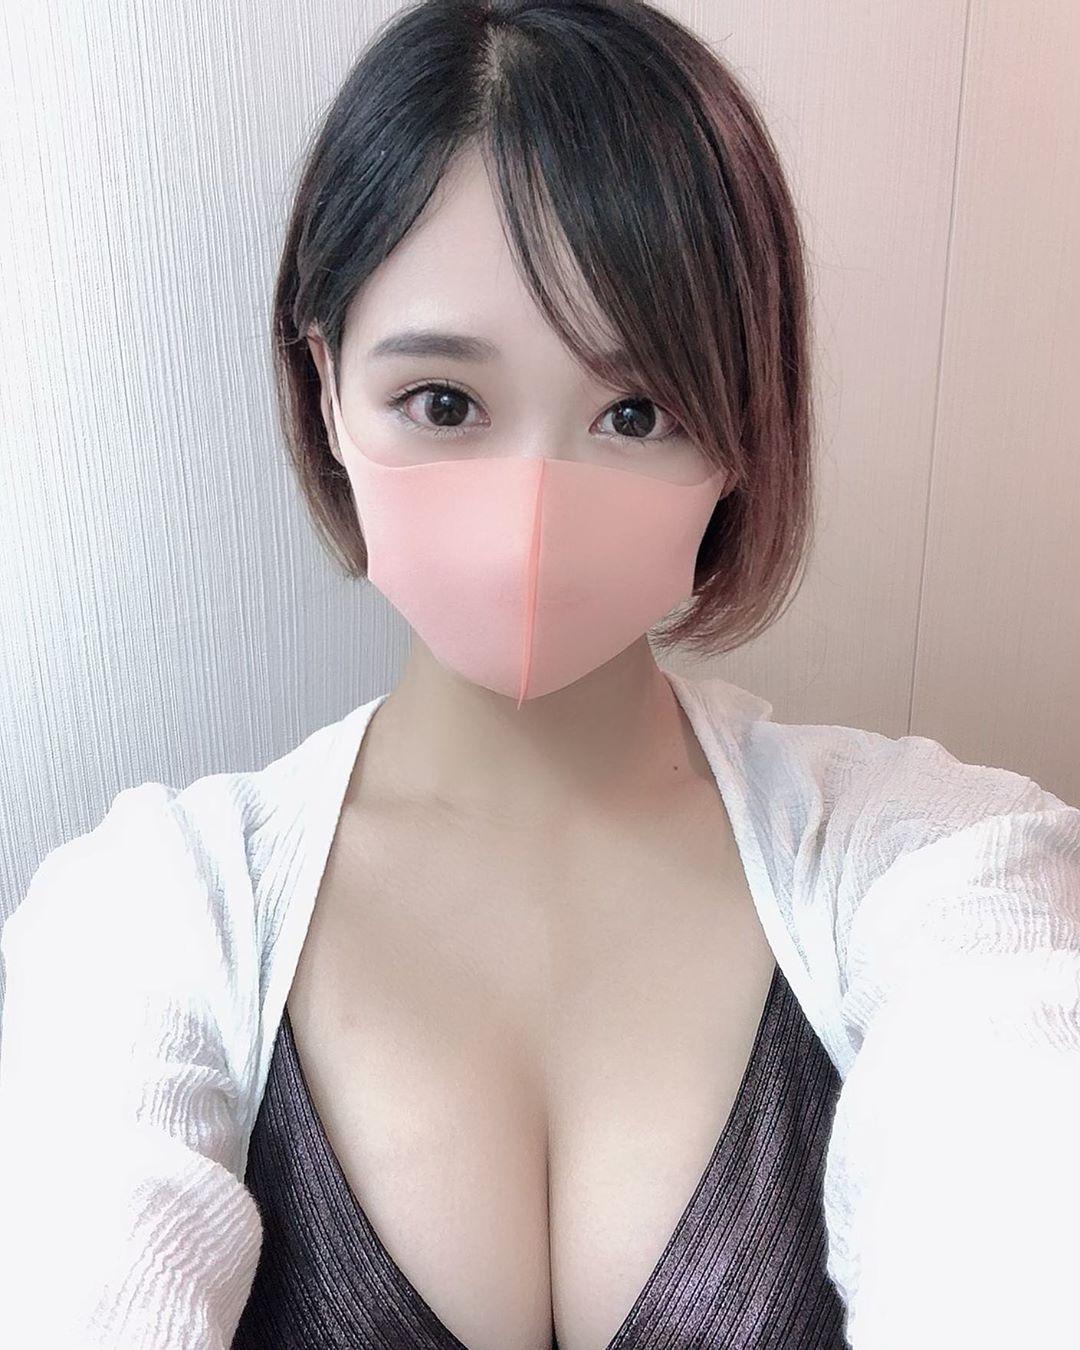 マスク女子 5